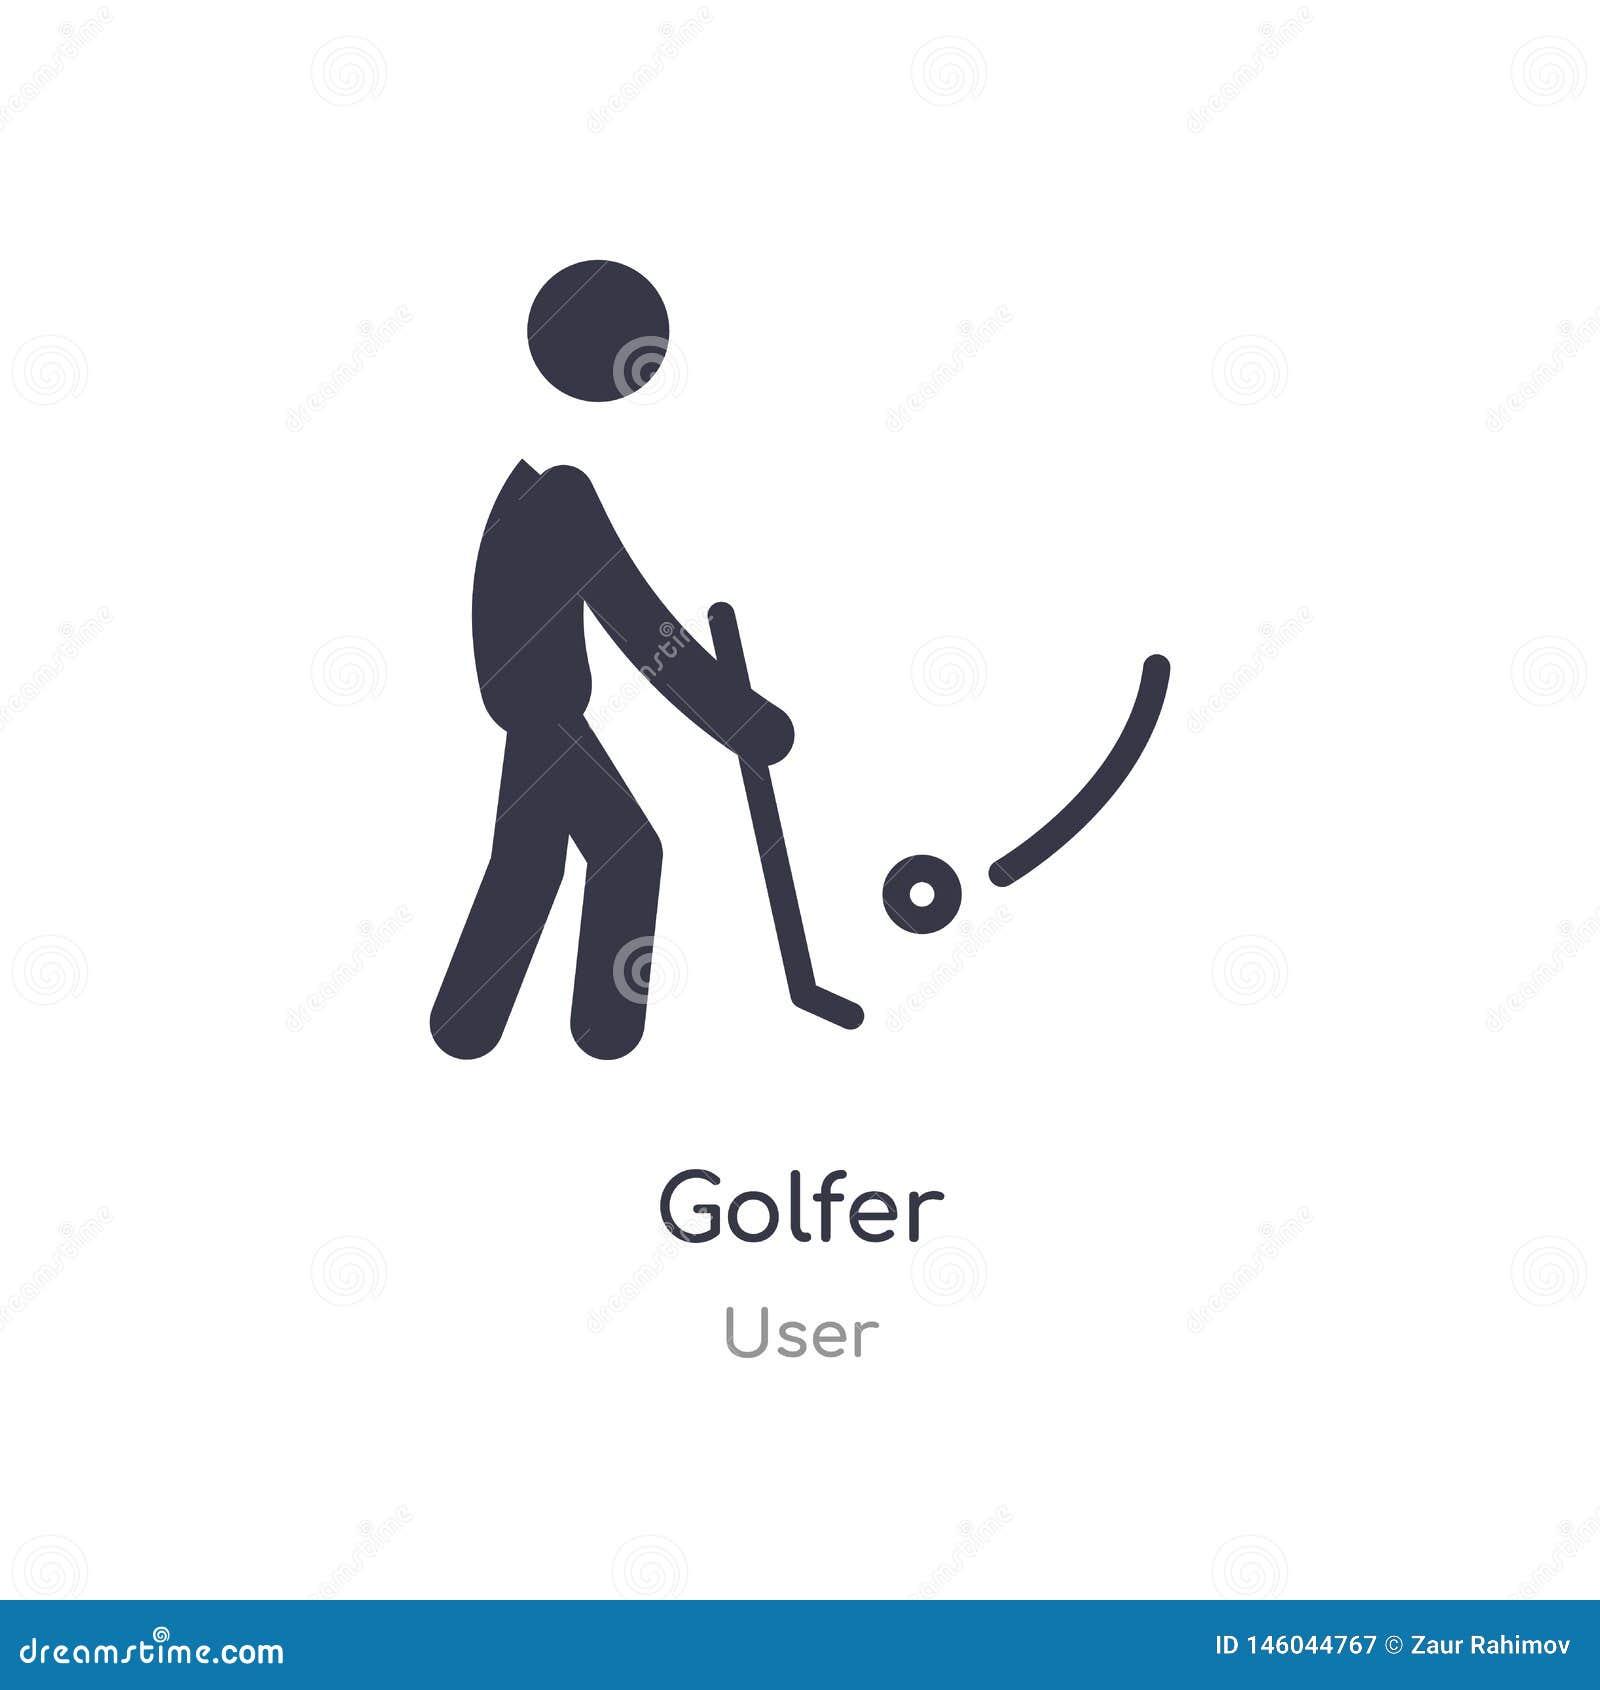 значок игрока в гольф изолированная иллюстрация вектора значка игрока в гольф от собрания потребителя editable спойте символ смог